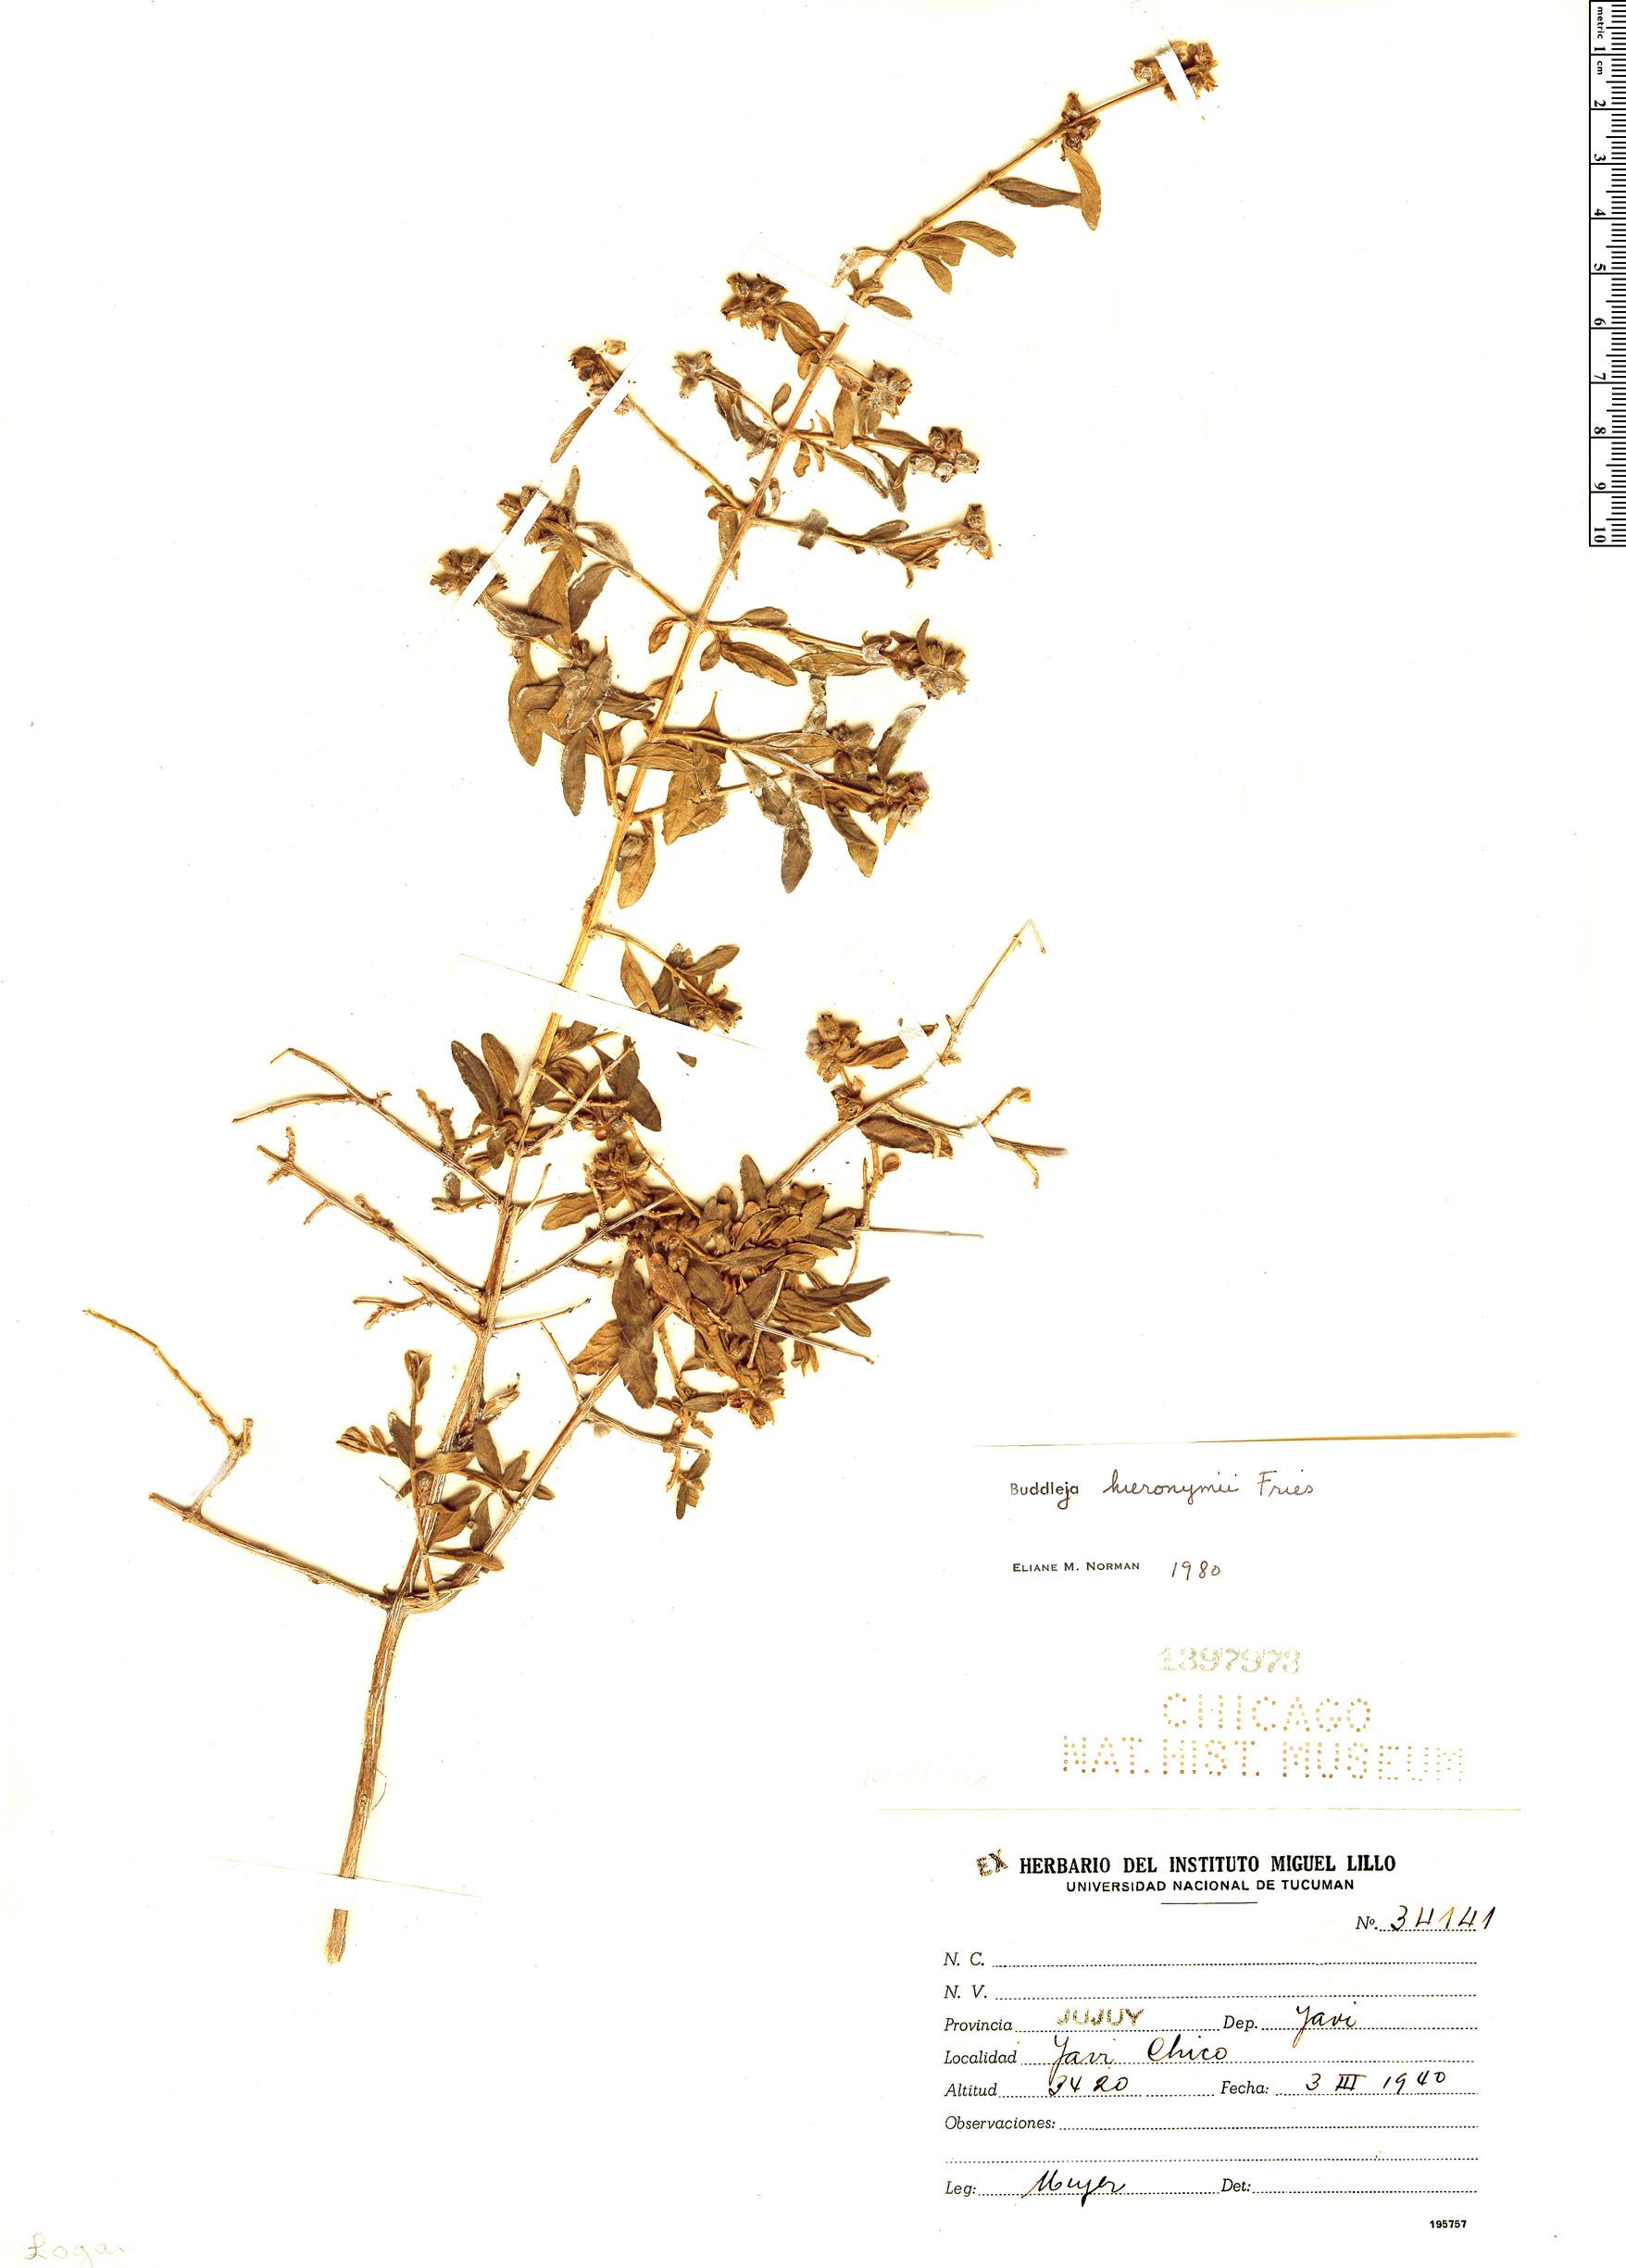 Specimen: Buddleja hieronymi